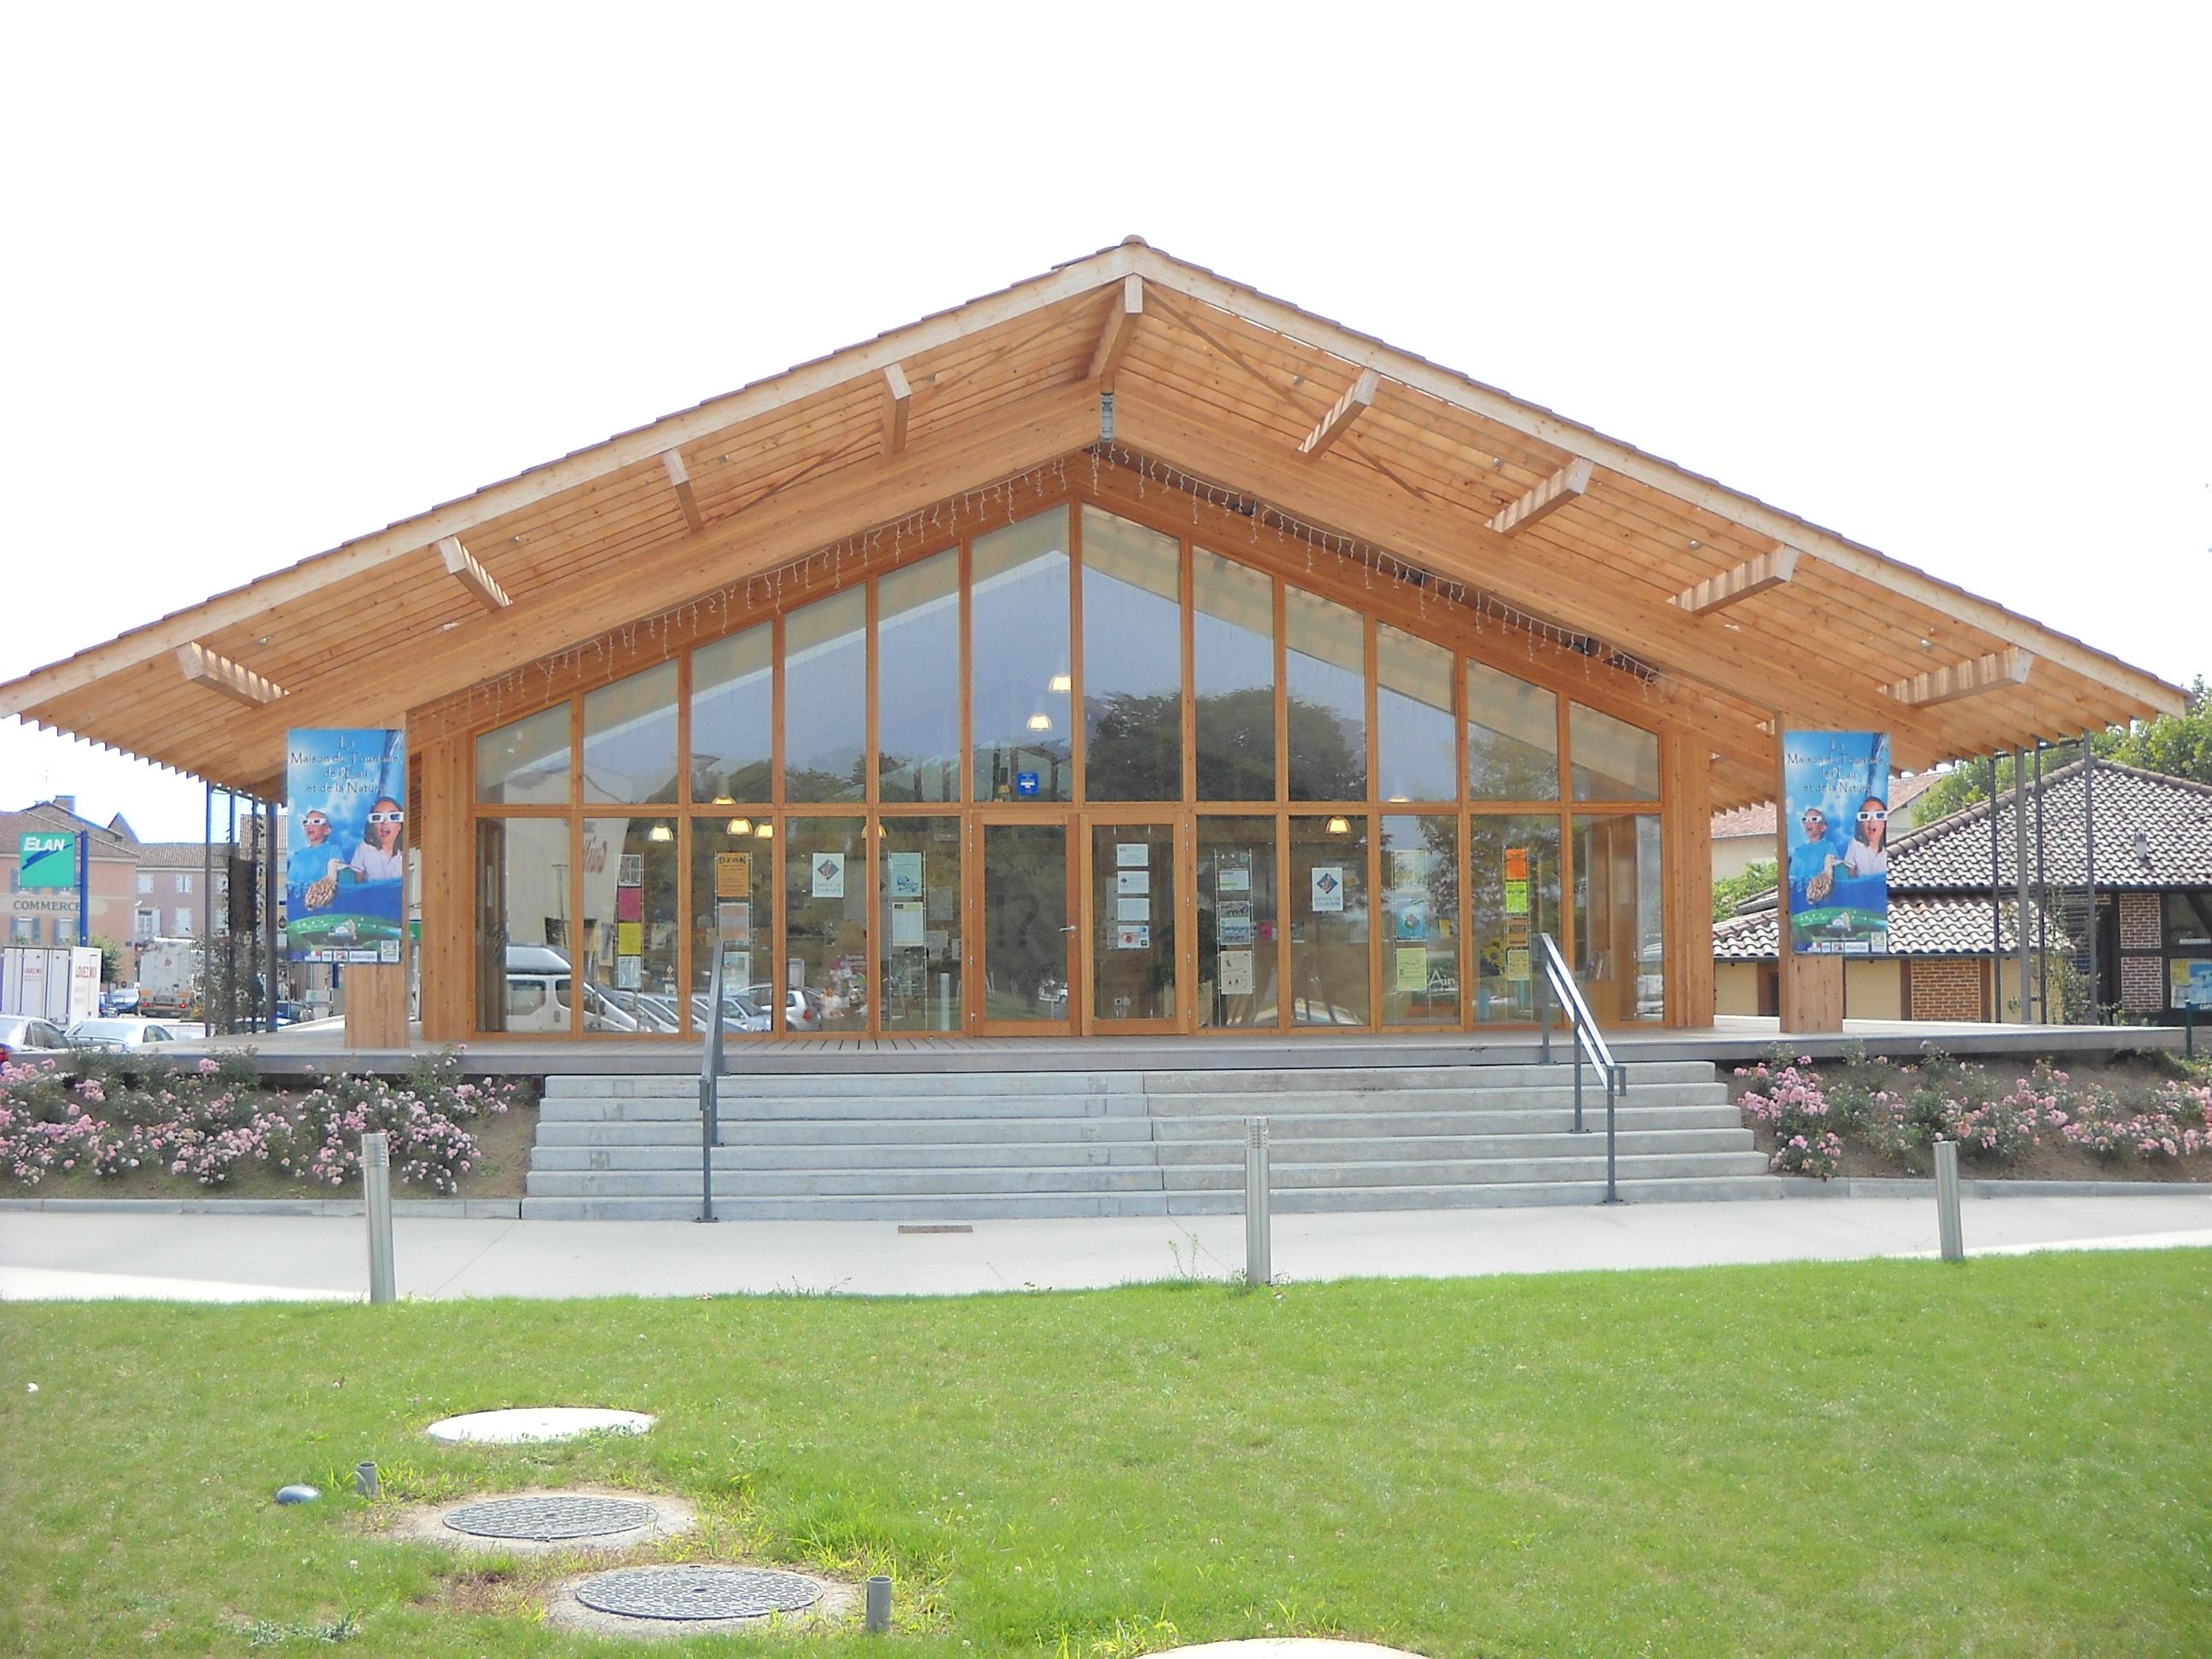 Pont de vaux en images office de tourisme du pays de - Office de tourisme andorre la vieille ...